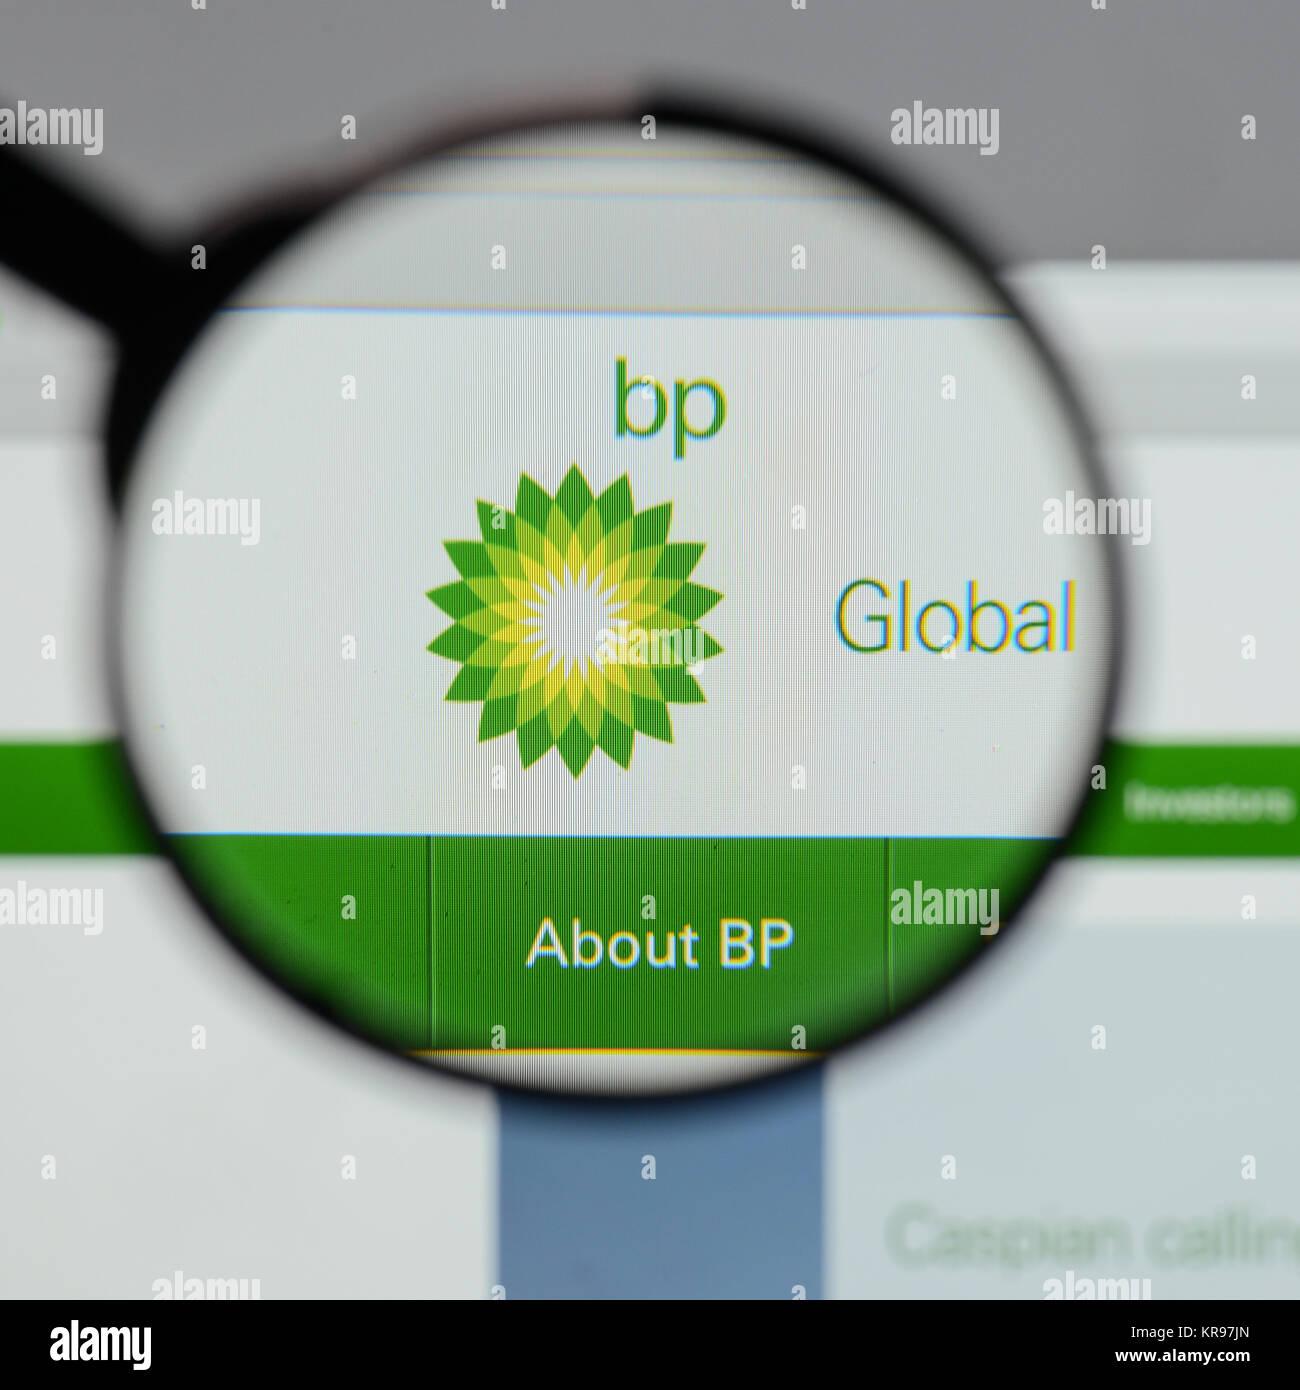 Bp Logo Stock Photos Bp Logo Stock Images Alamy